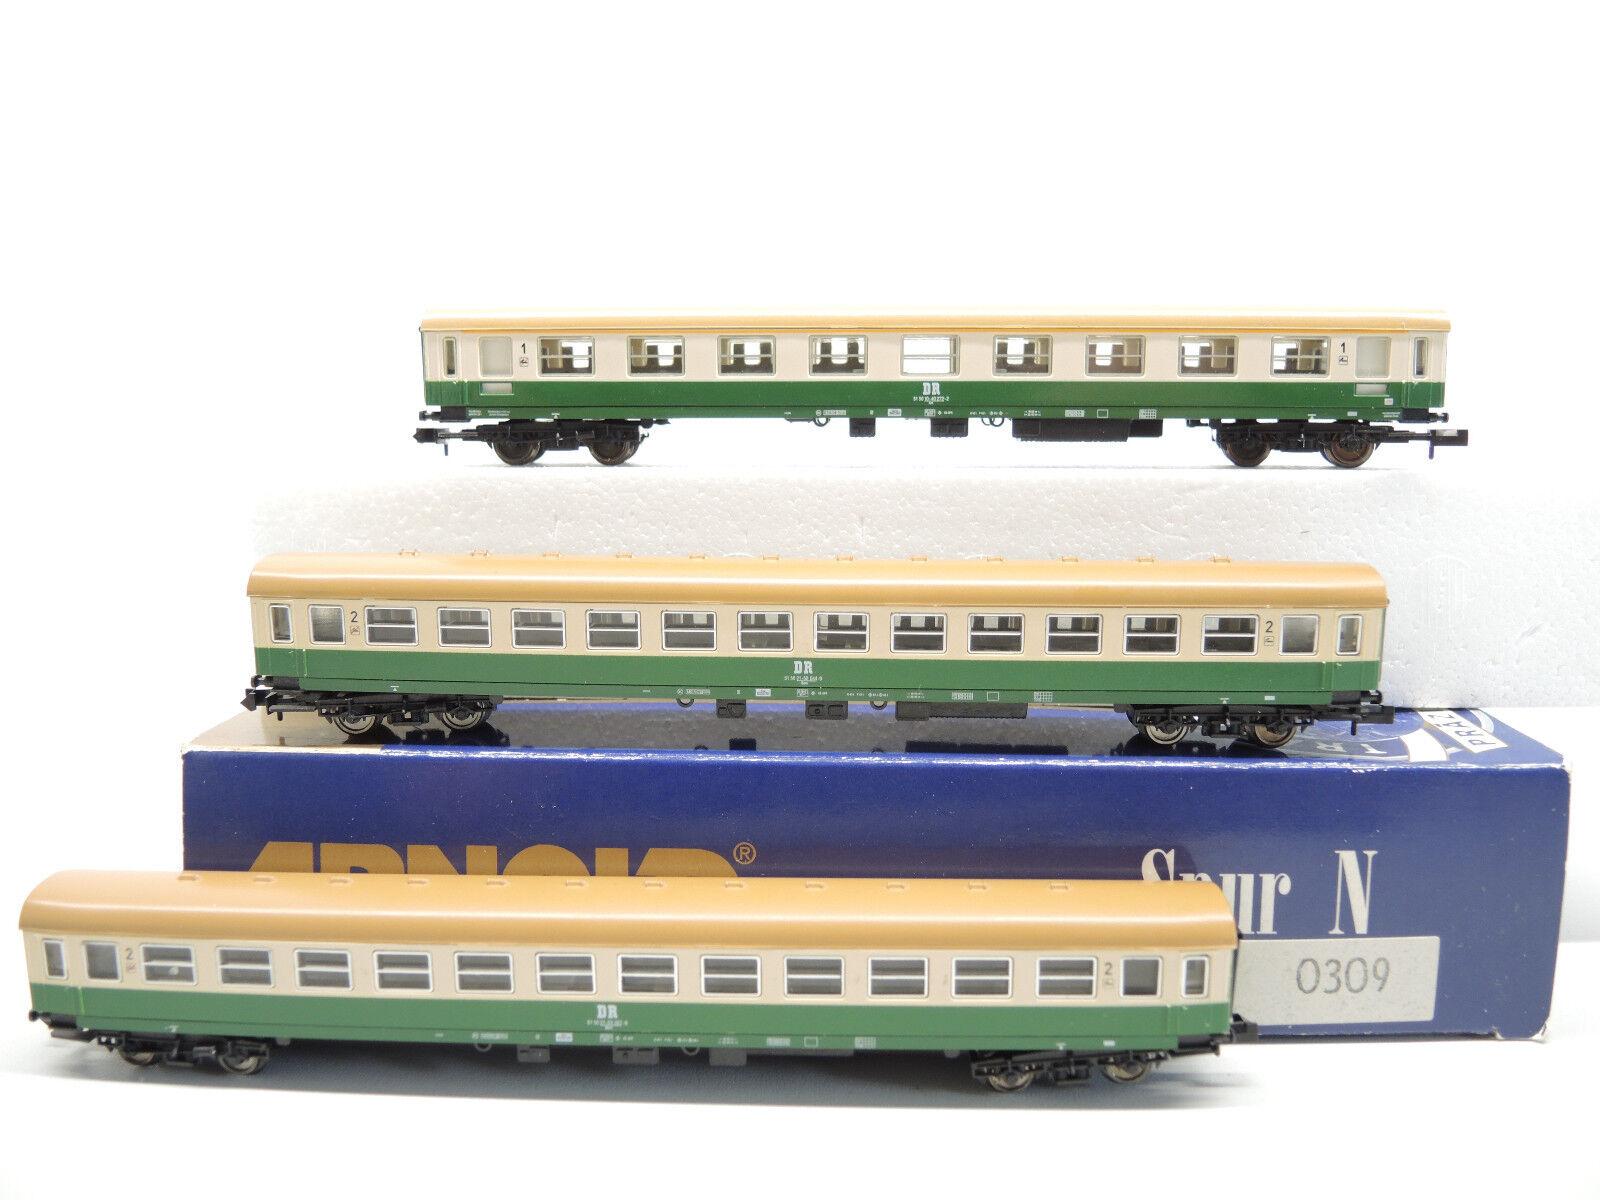 Arnold 0309 0309 0309 vagoni-Set della DR, mezza città, 3 pezzi, molto bene, OVP c64eee